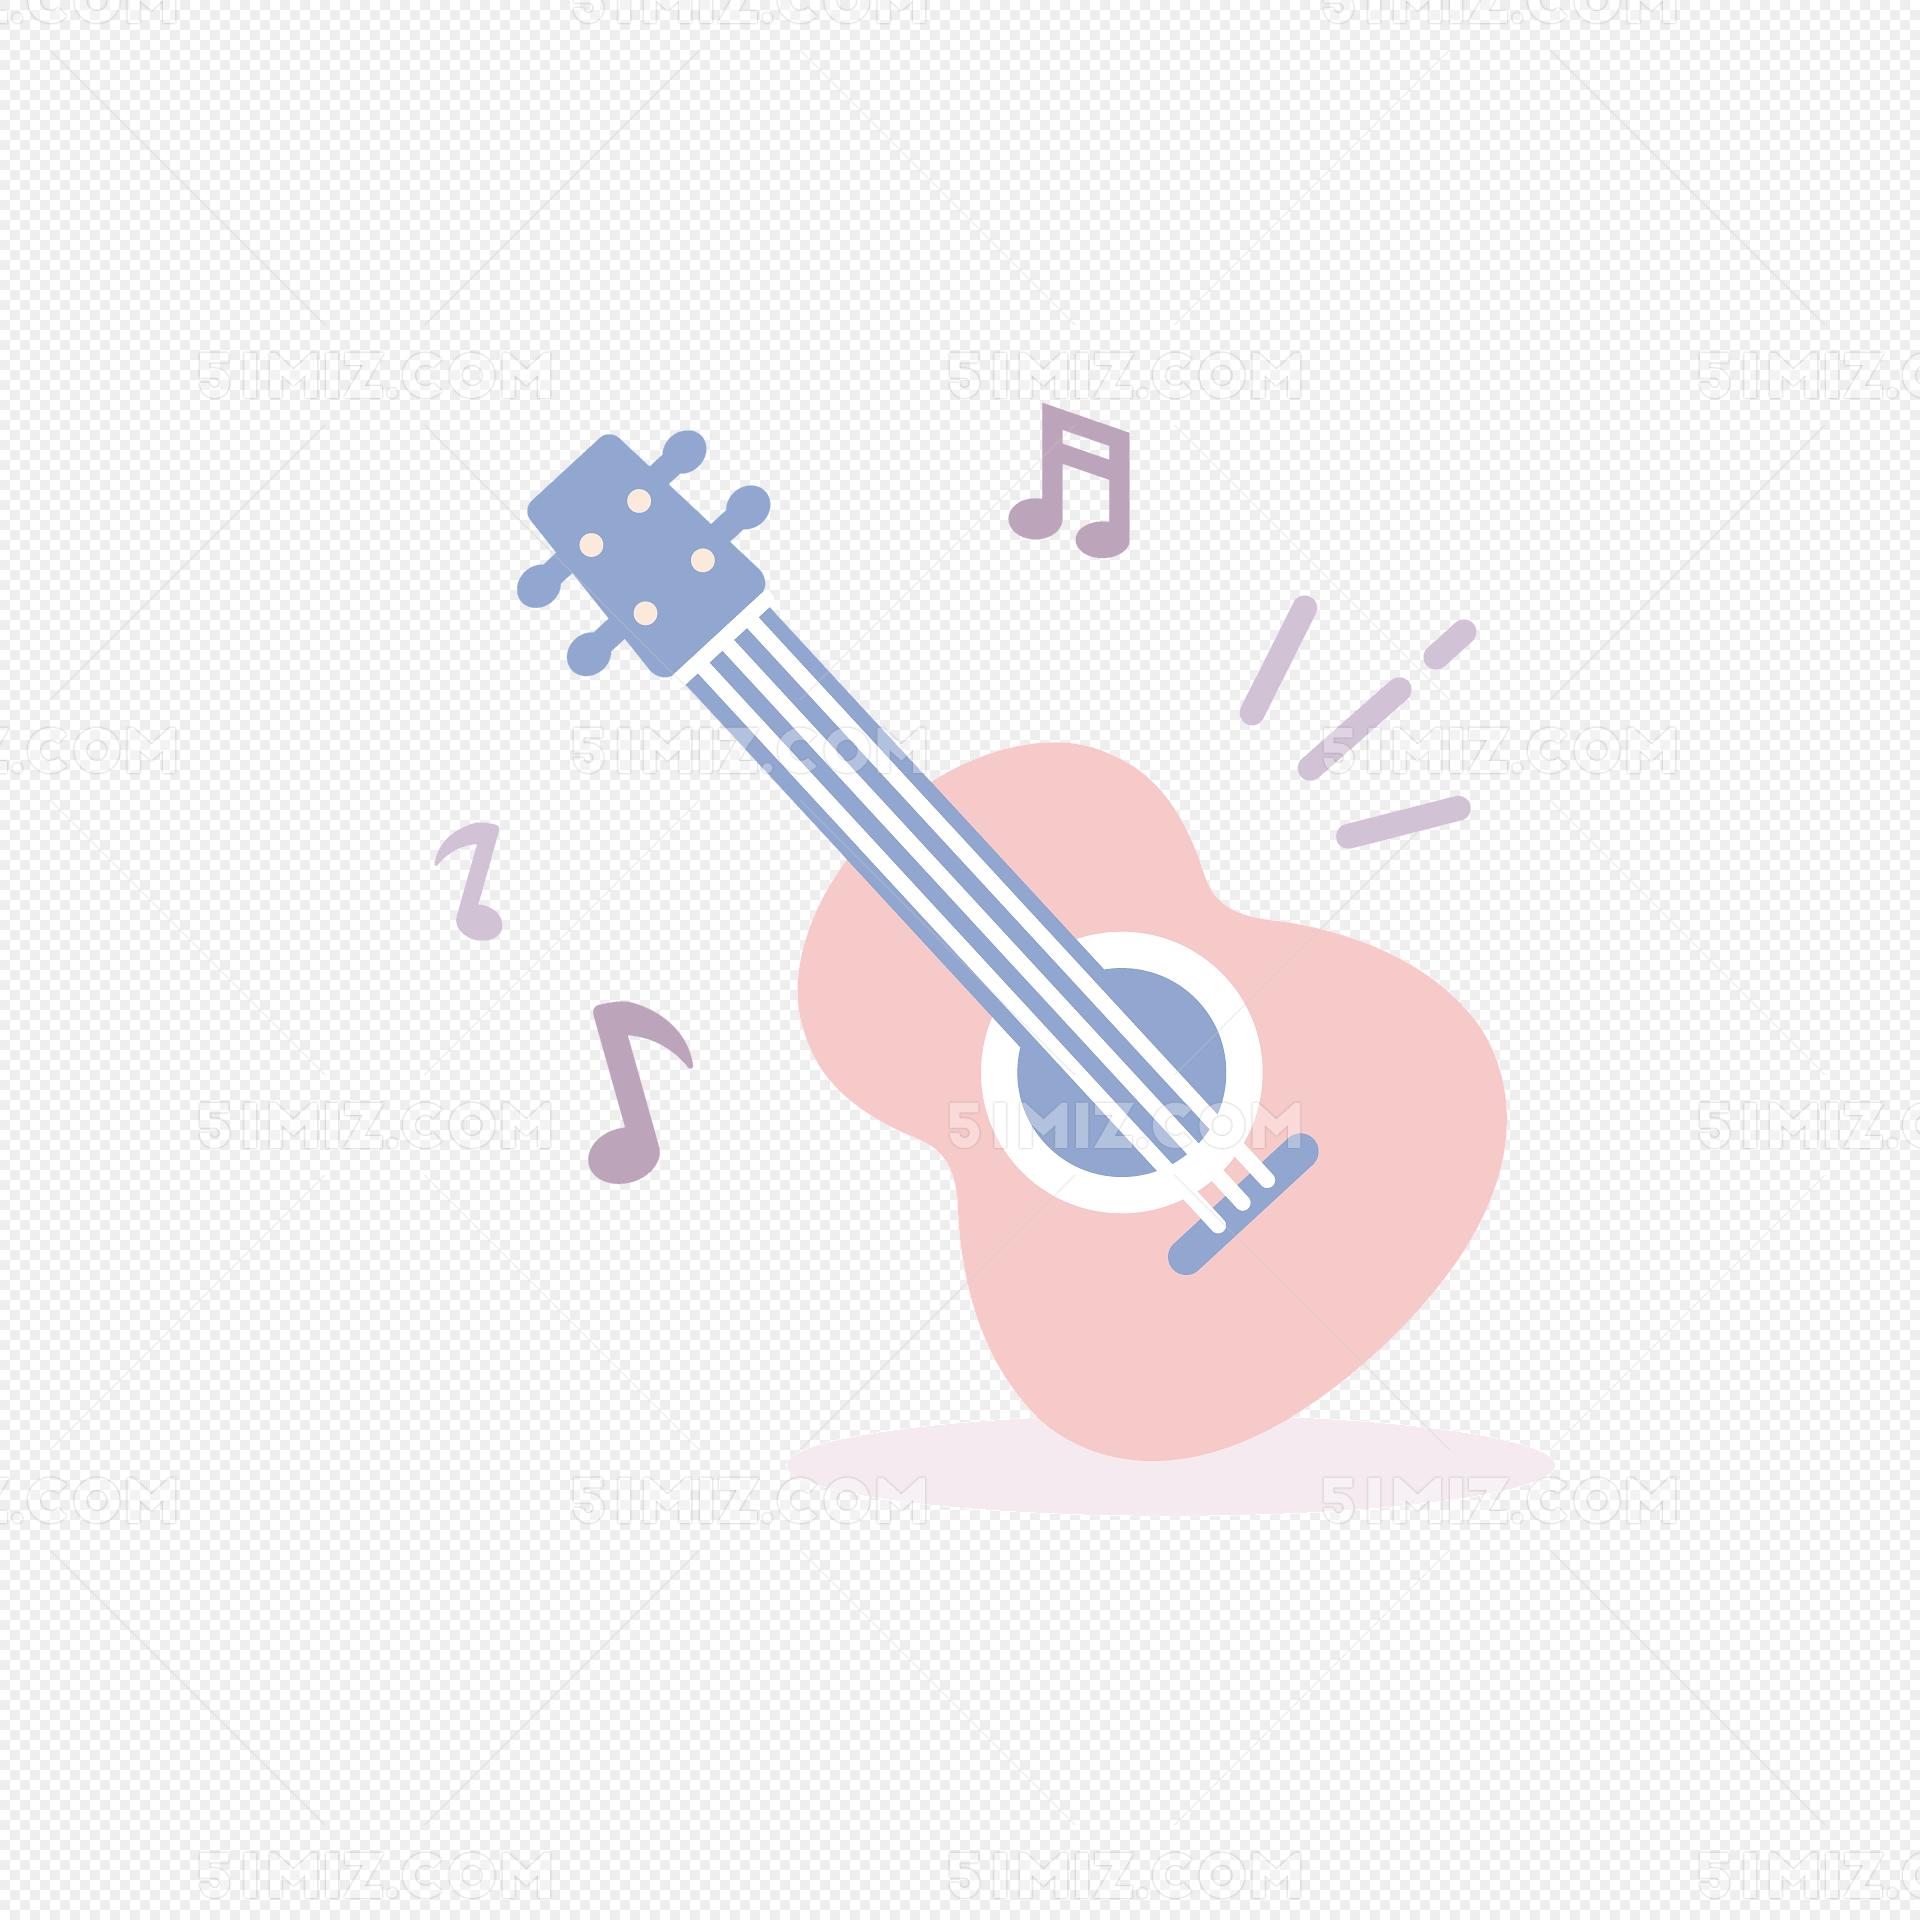 粉色吉他音符矢量图